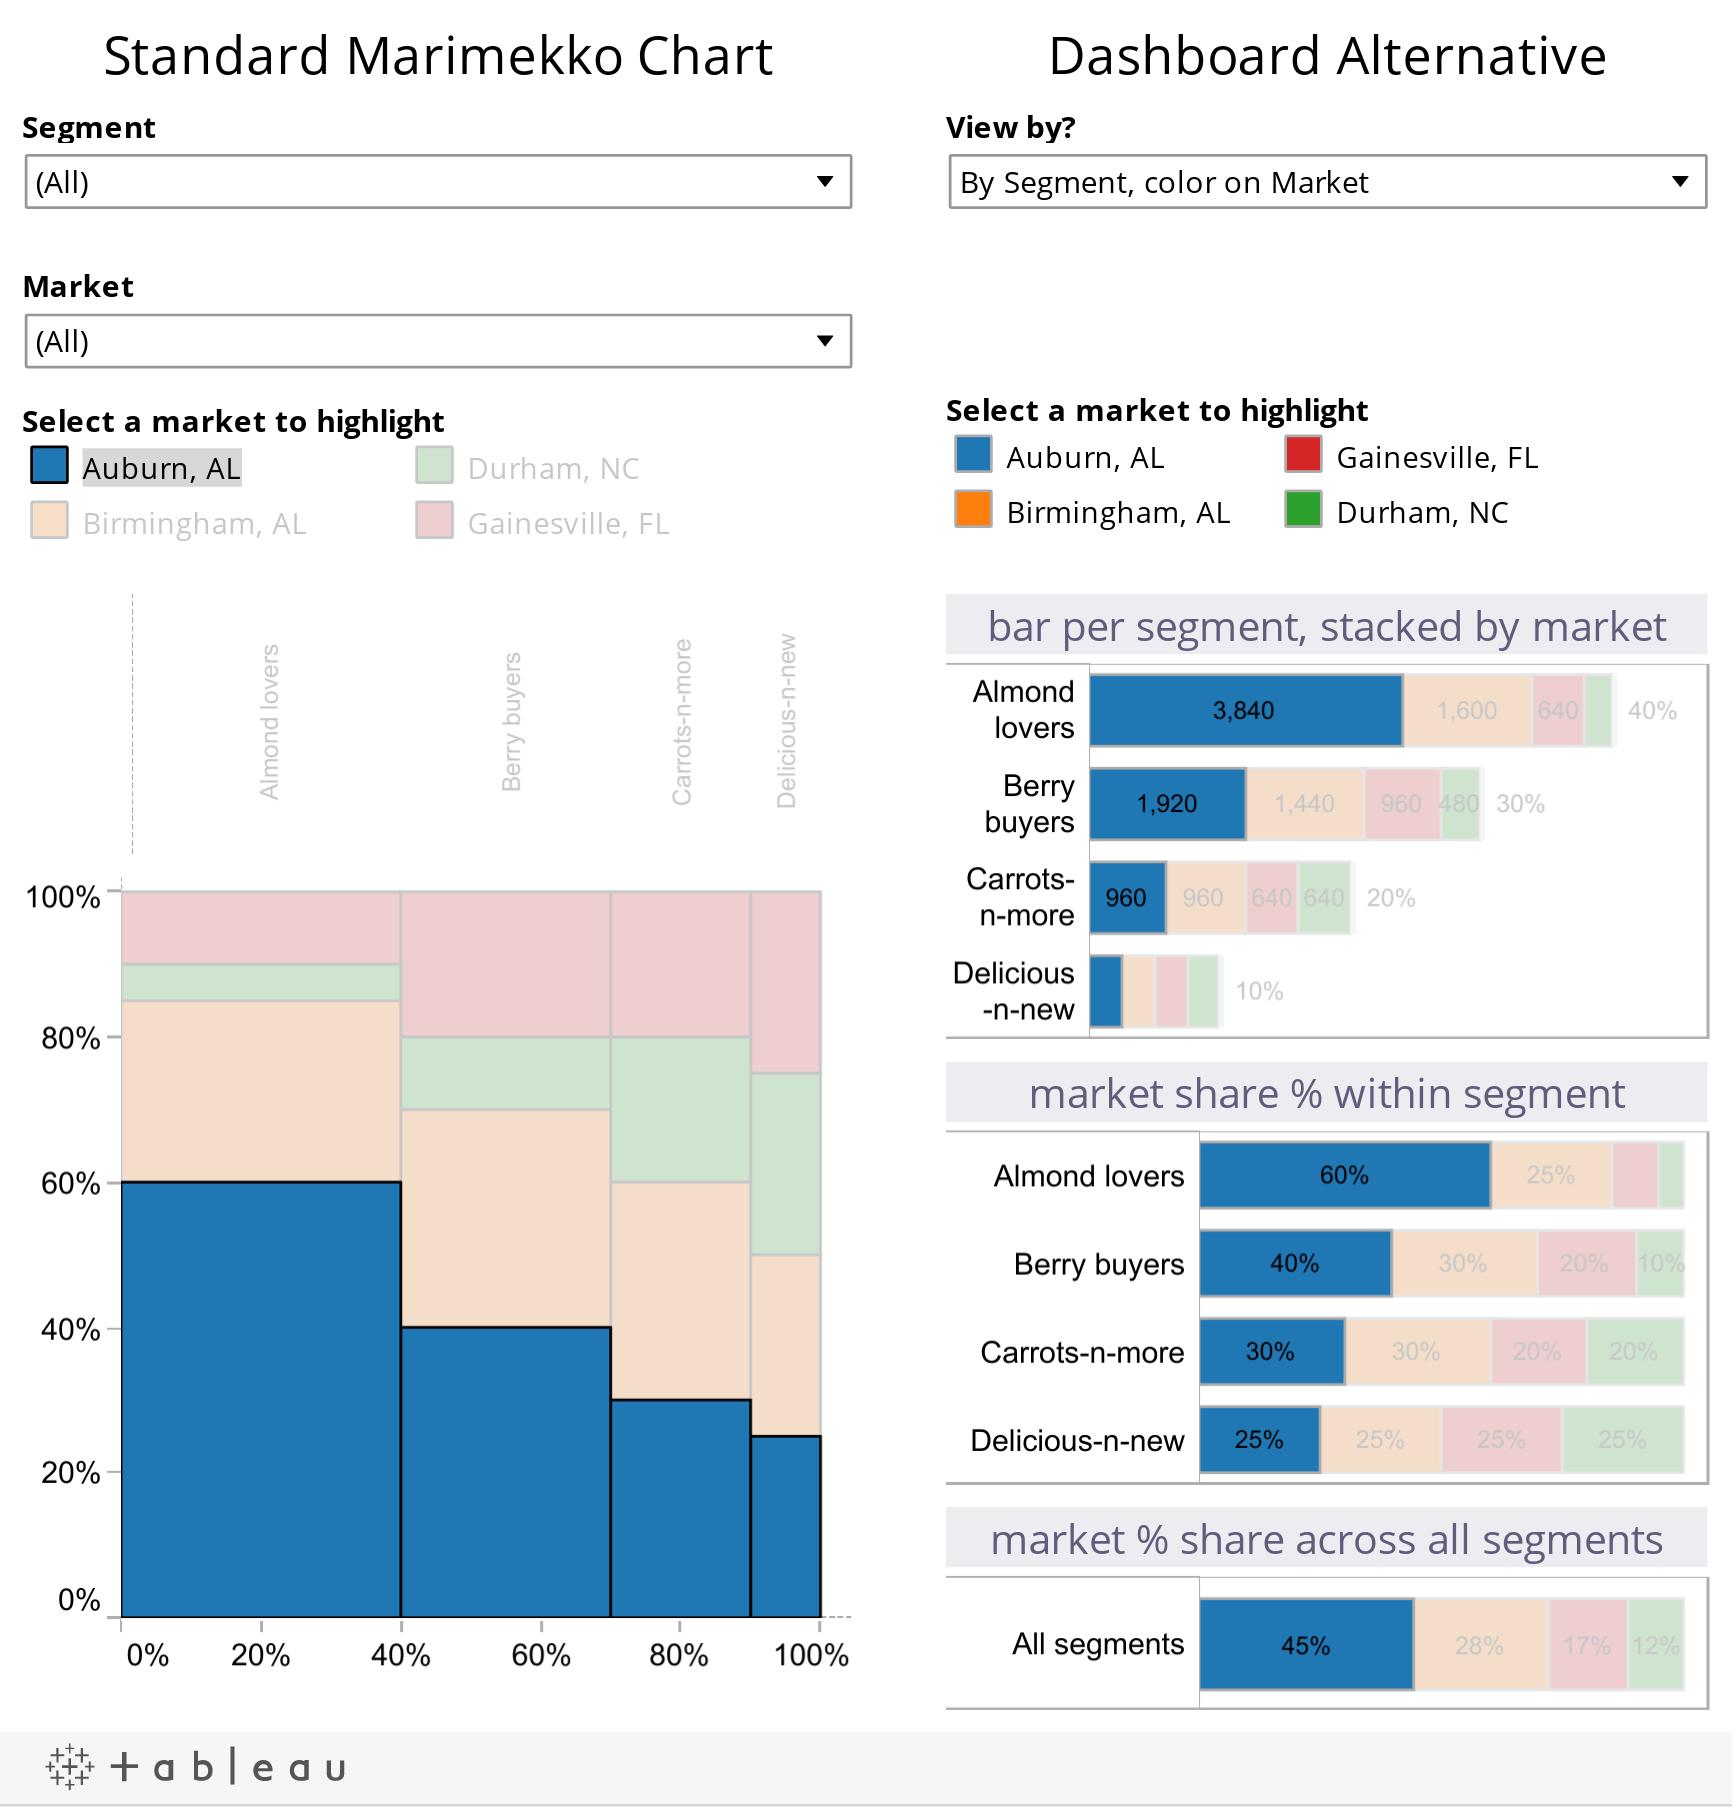 Standard Marimekko Chart